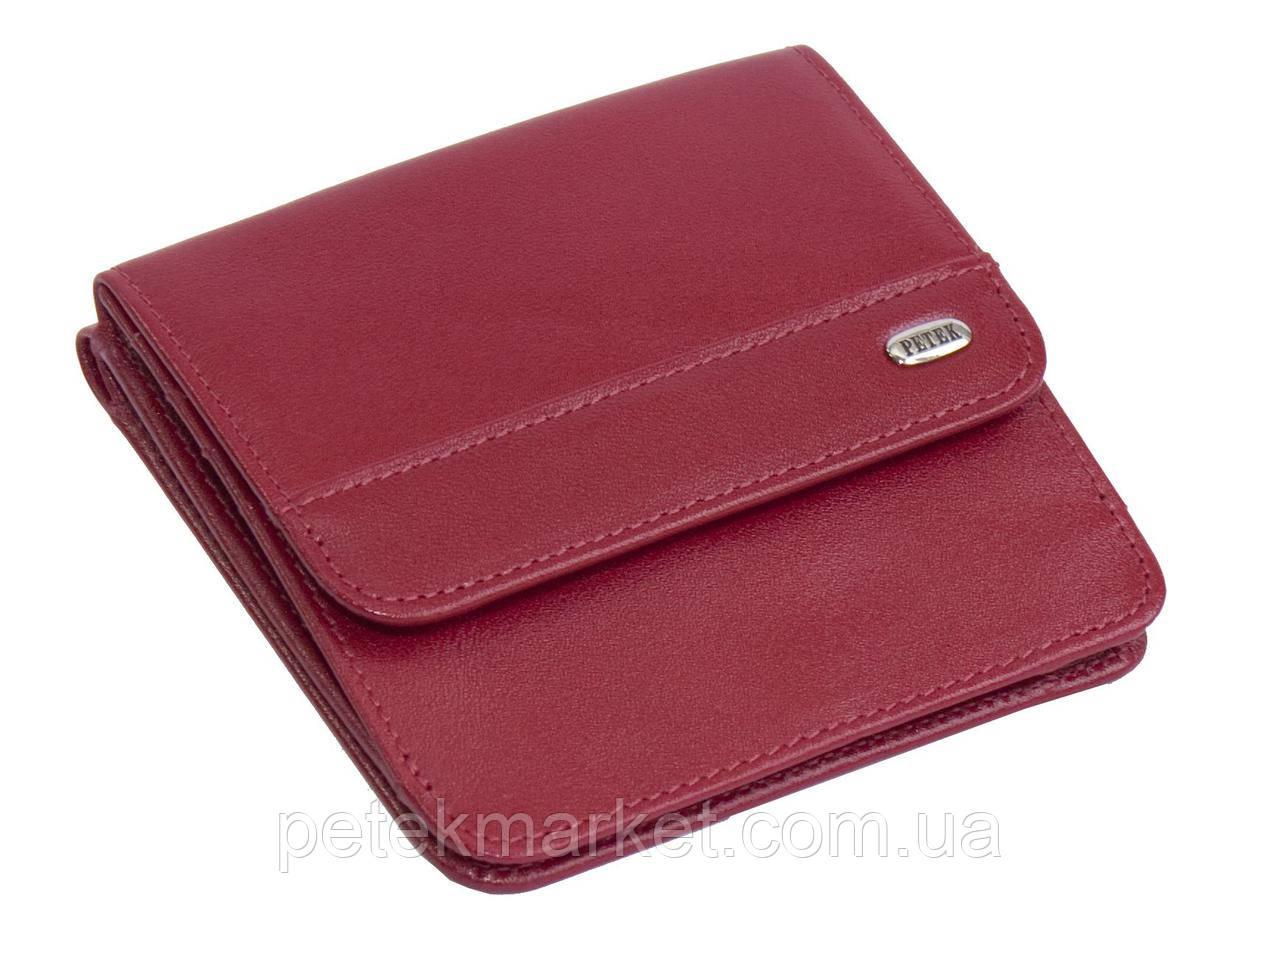 2ad781e98140 Женское портмоне PETEK 355 Красный (355-4000-10) - Ваш любимый магазин